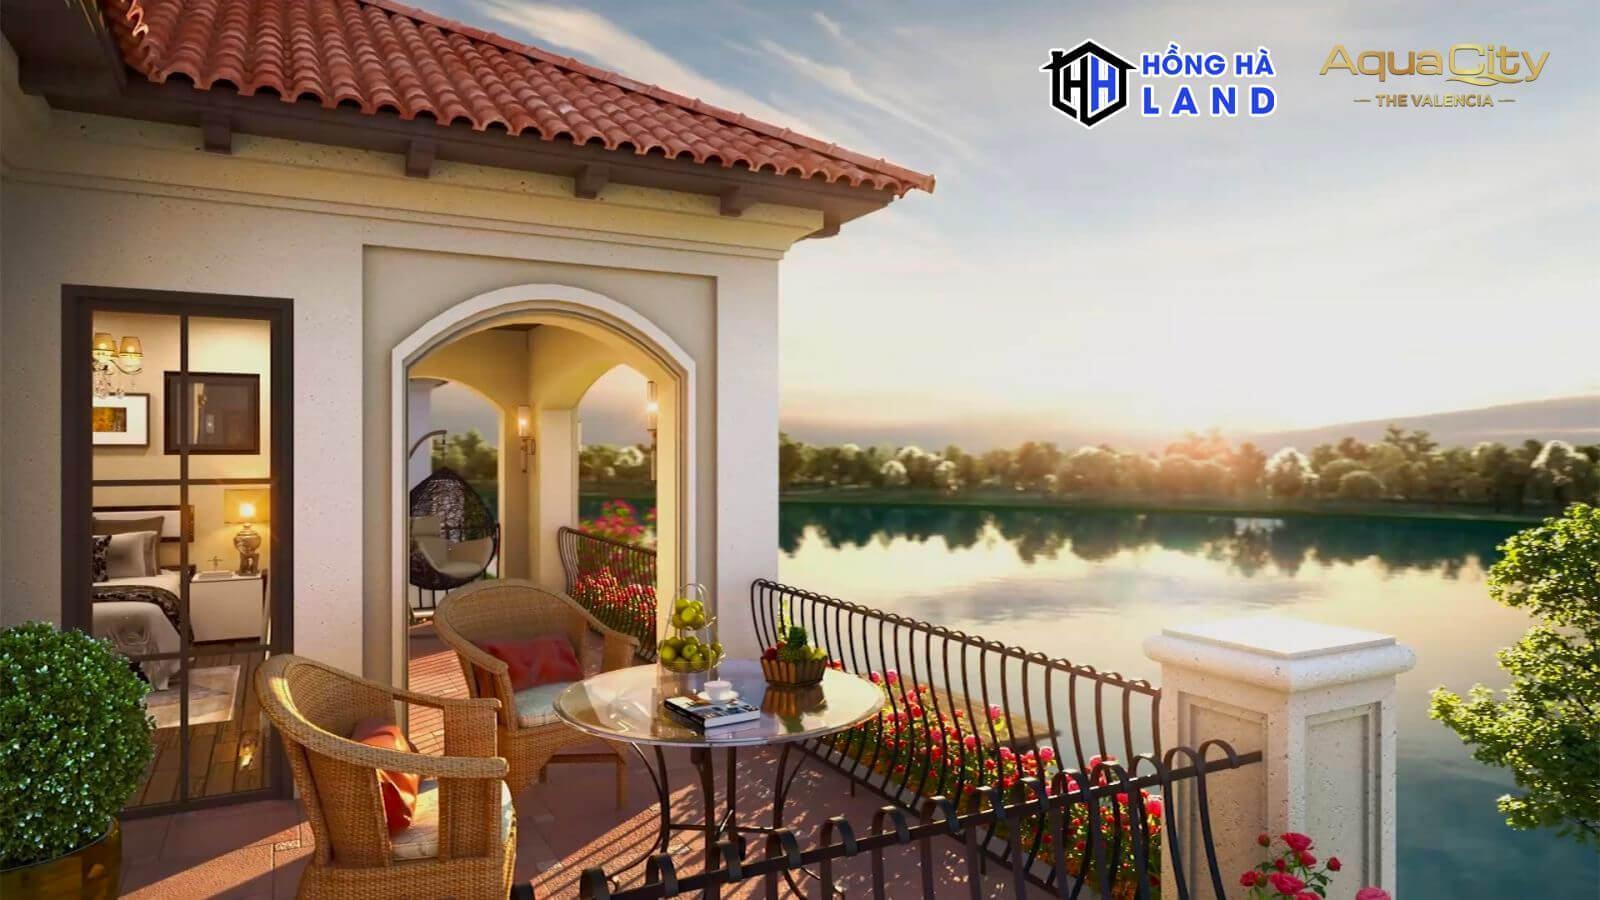 Hình ảnh nhà mẫu The Valencia Aqua City